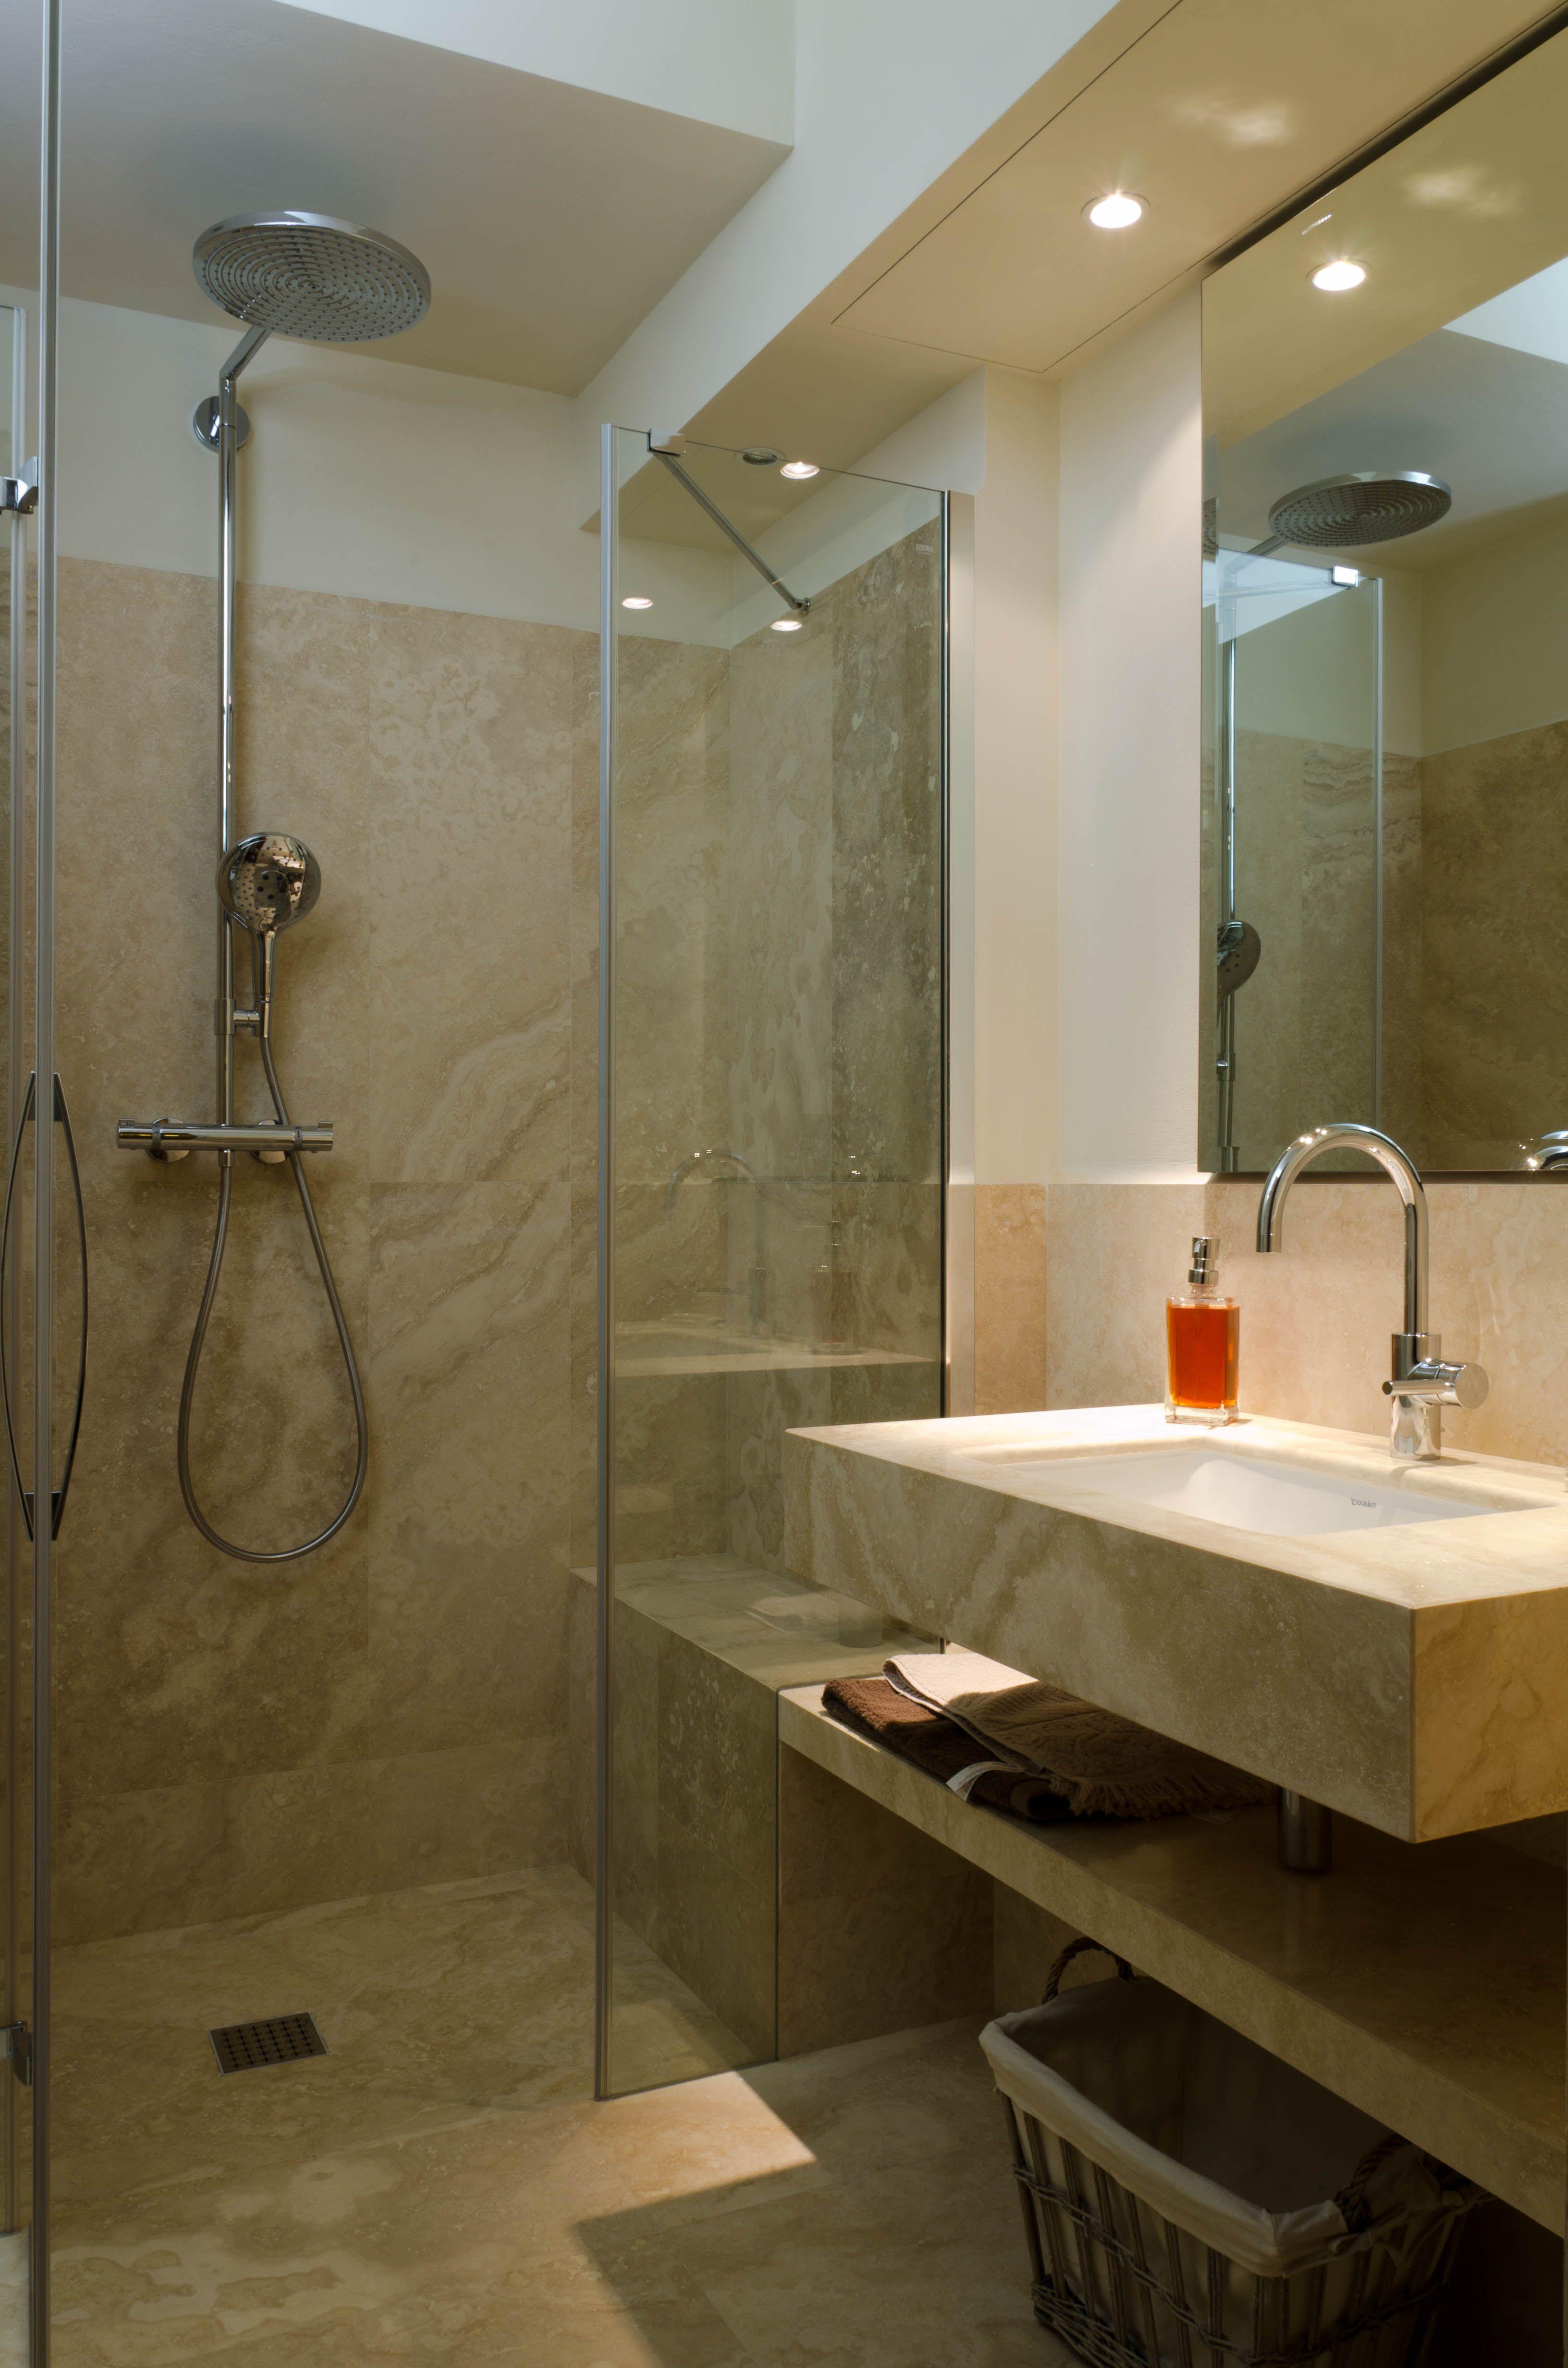 Pietre di Rapolano travertine bathroom bagno in travertino ...